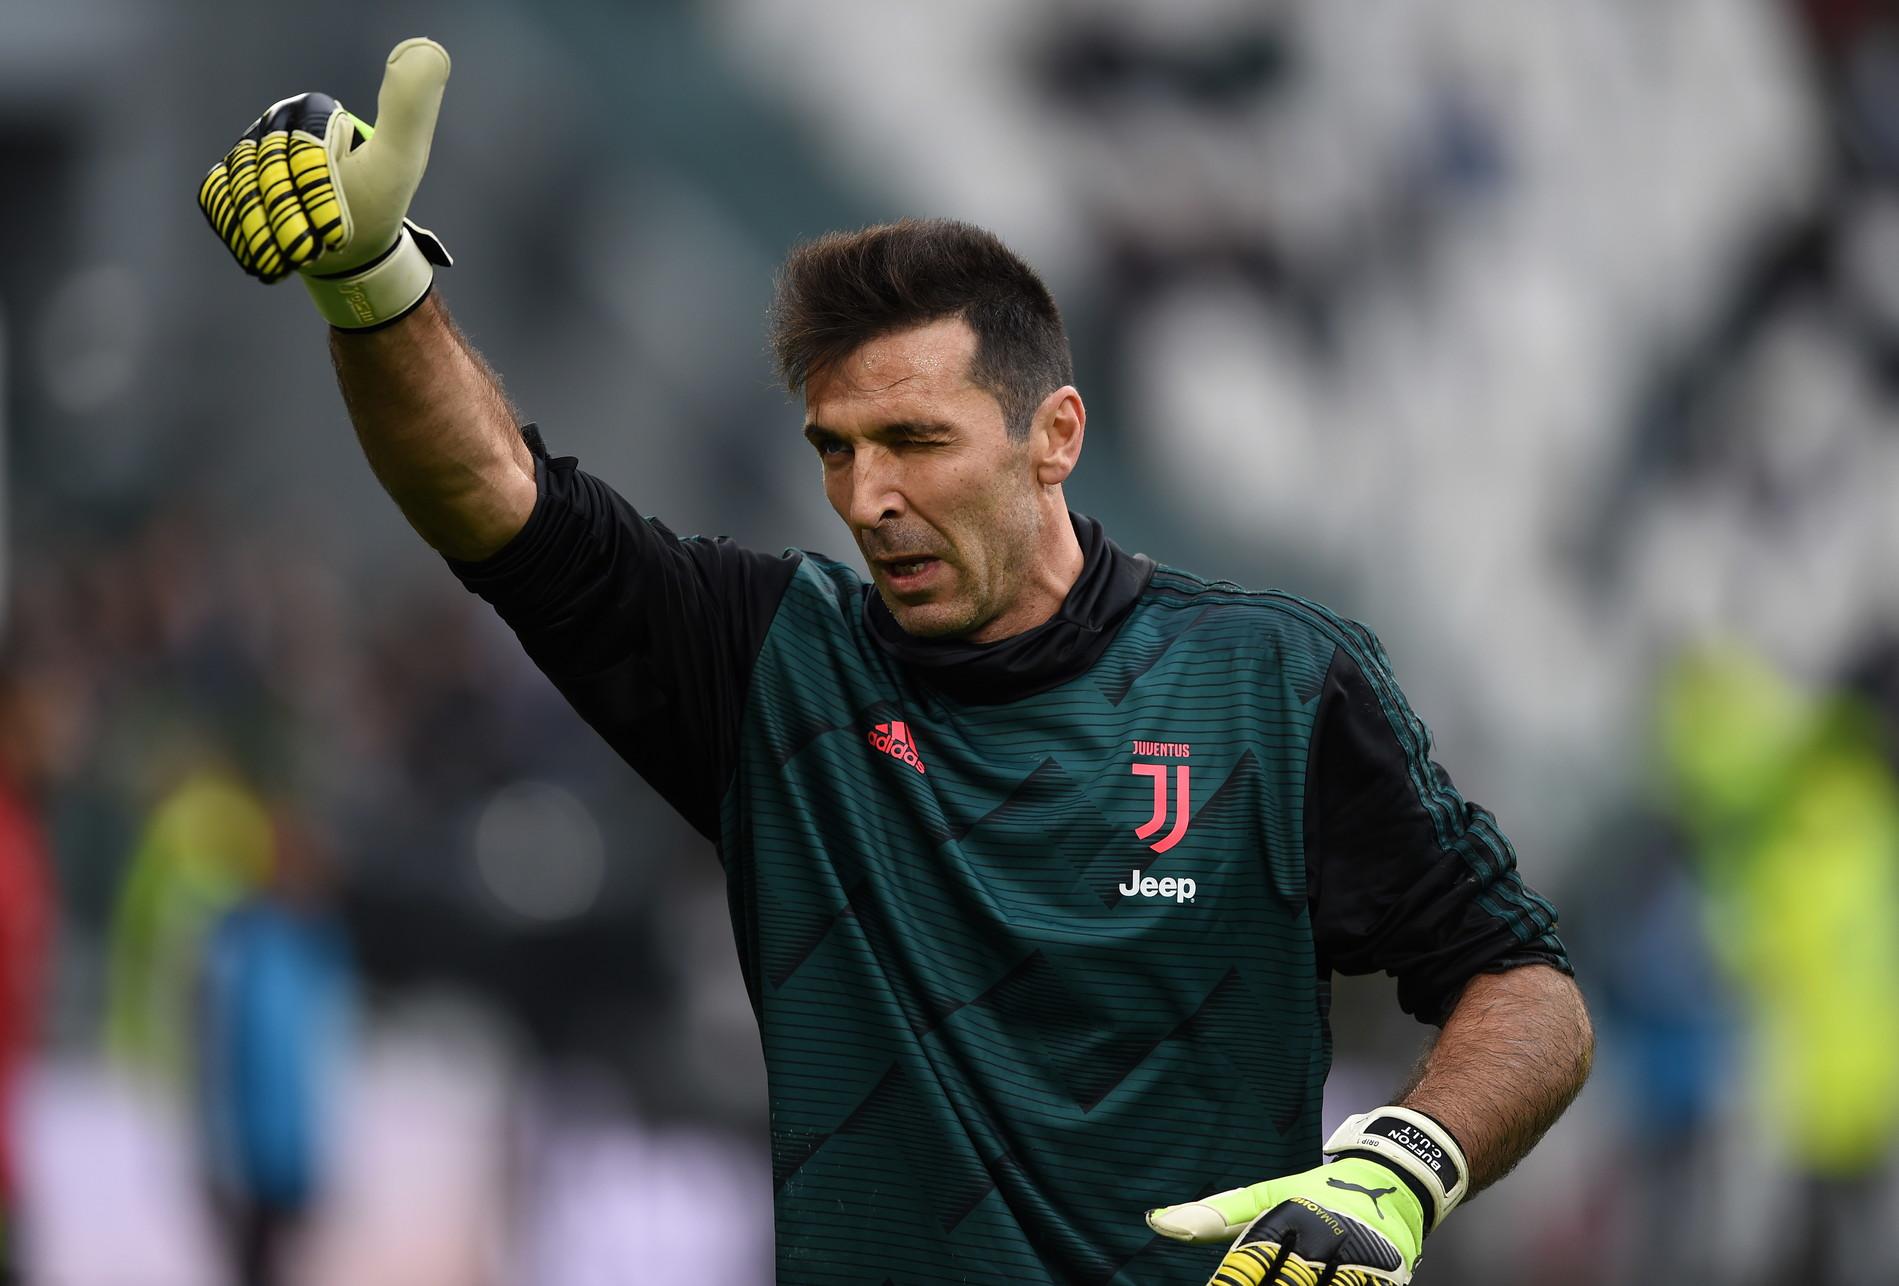 2) Gianluigi Buffon: 8,7 milioni di follower